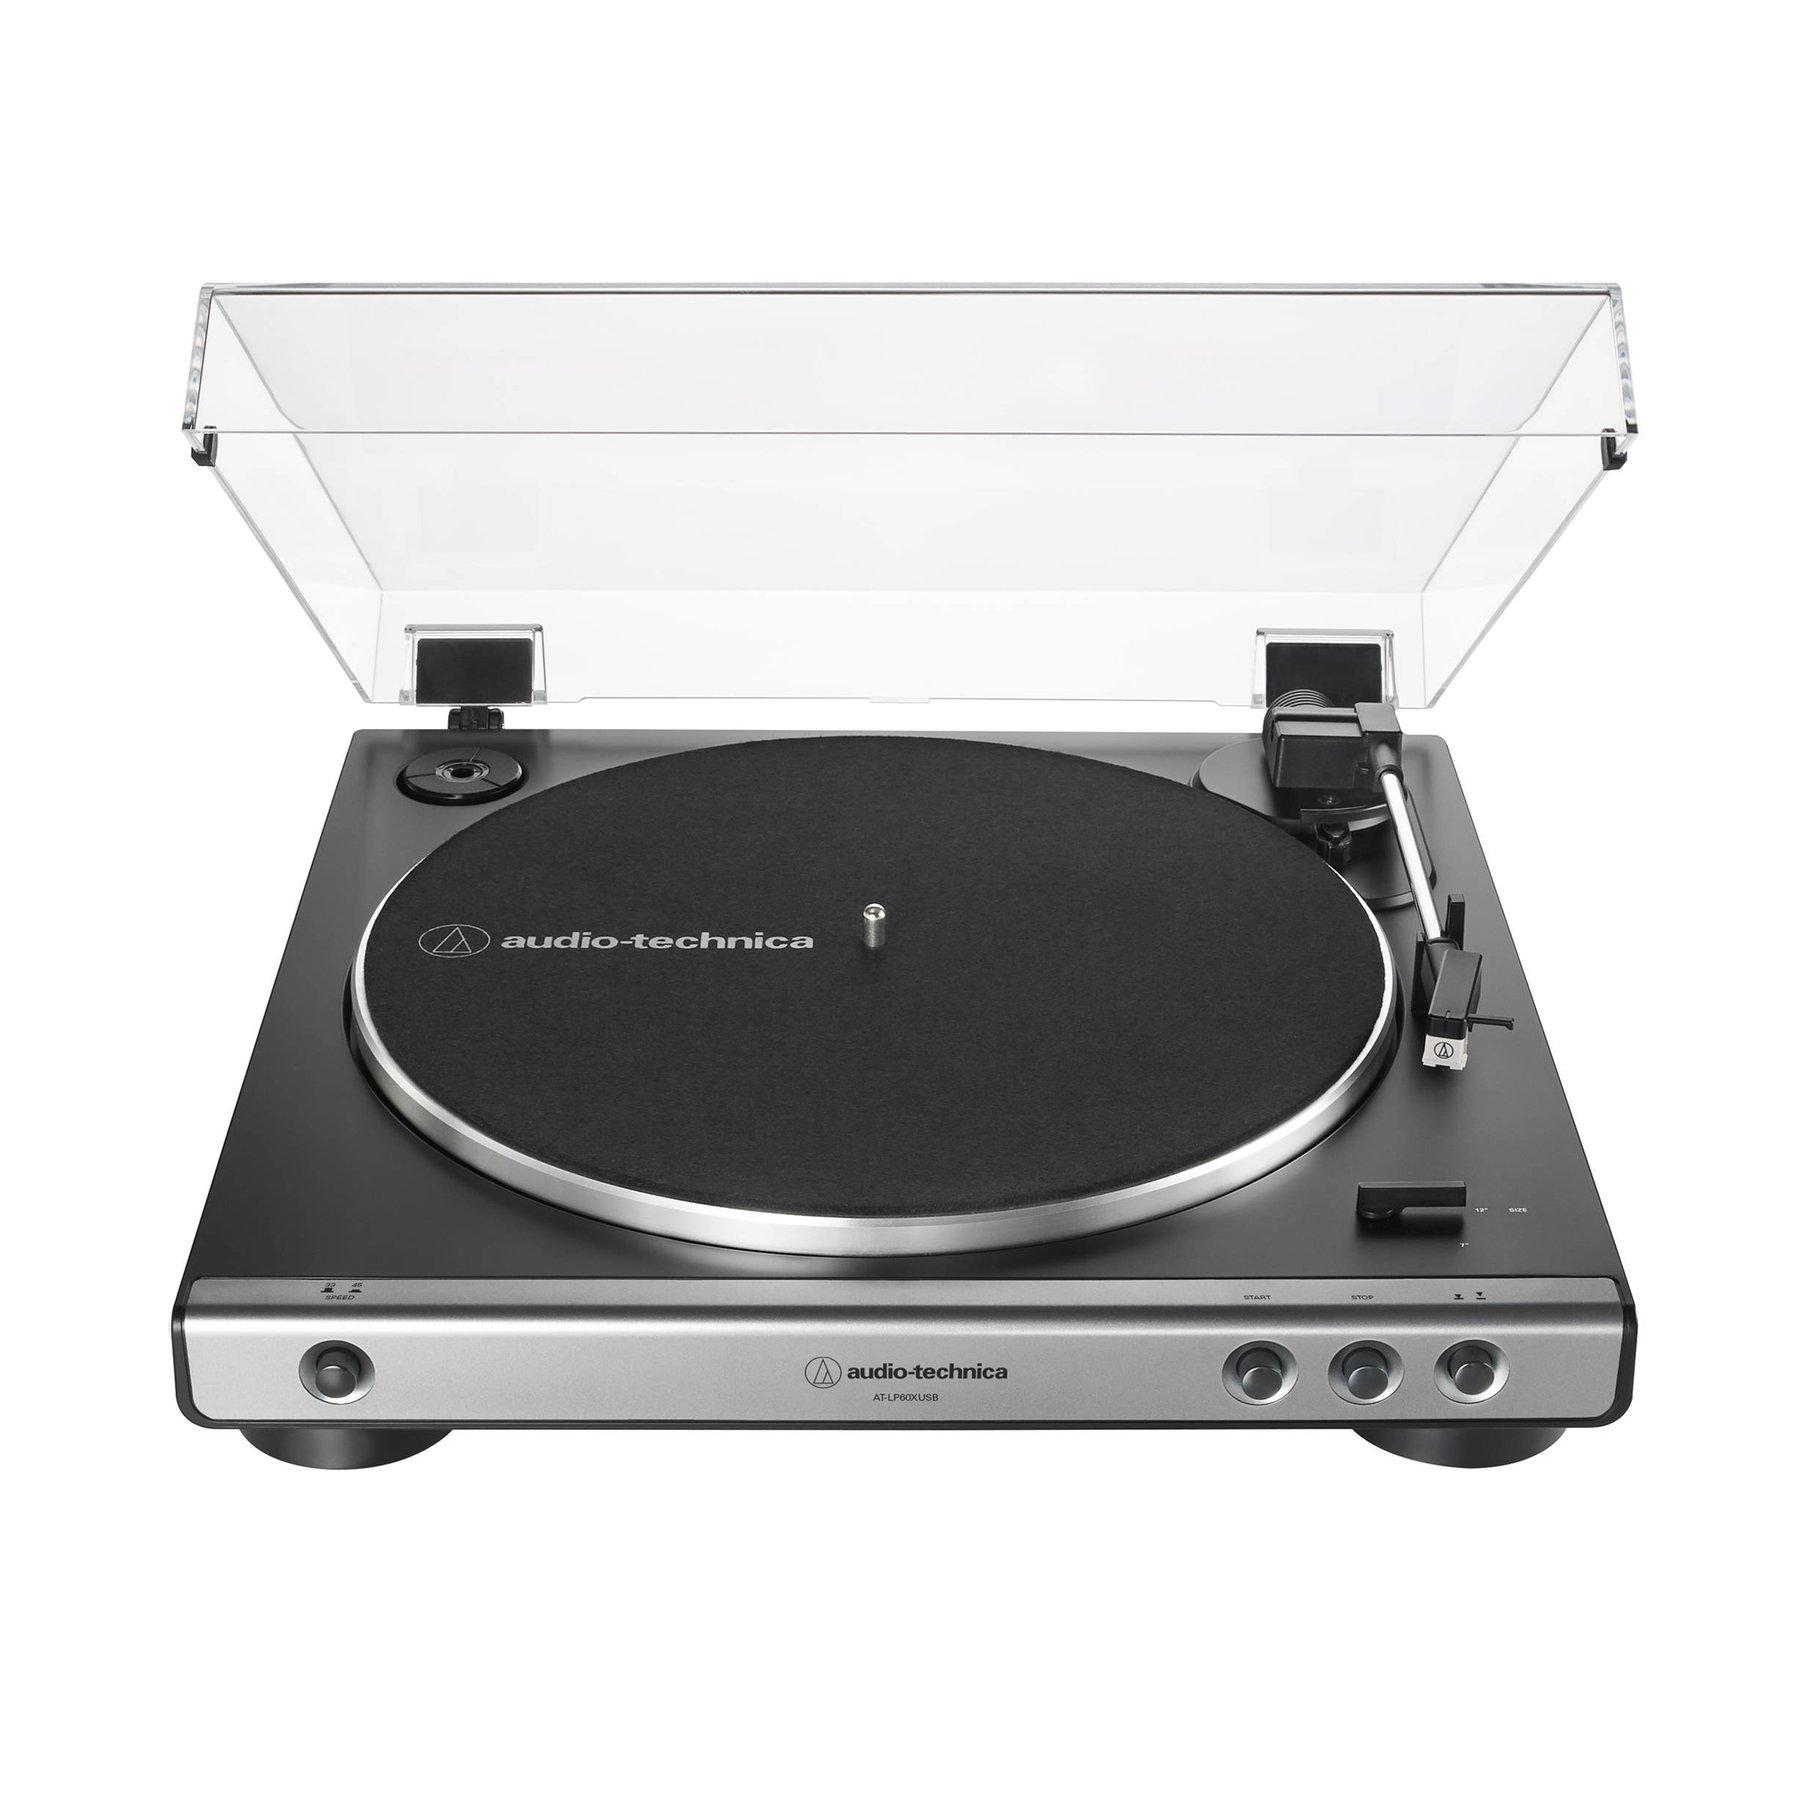 Купить виниловый проигрыватель audio-technica at-lp60x usb gun metal по цене от 13990 руб., характеристики, фото, доставка